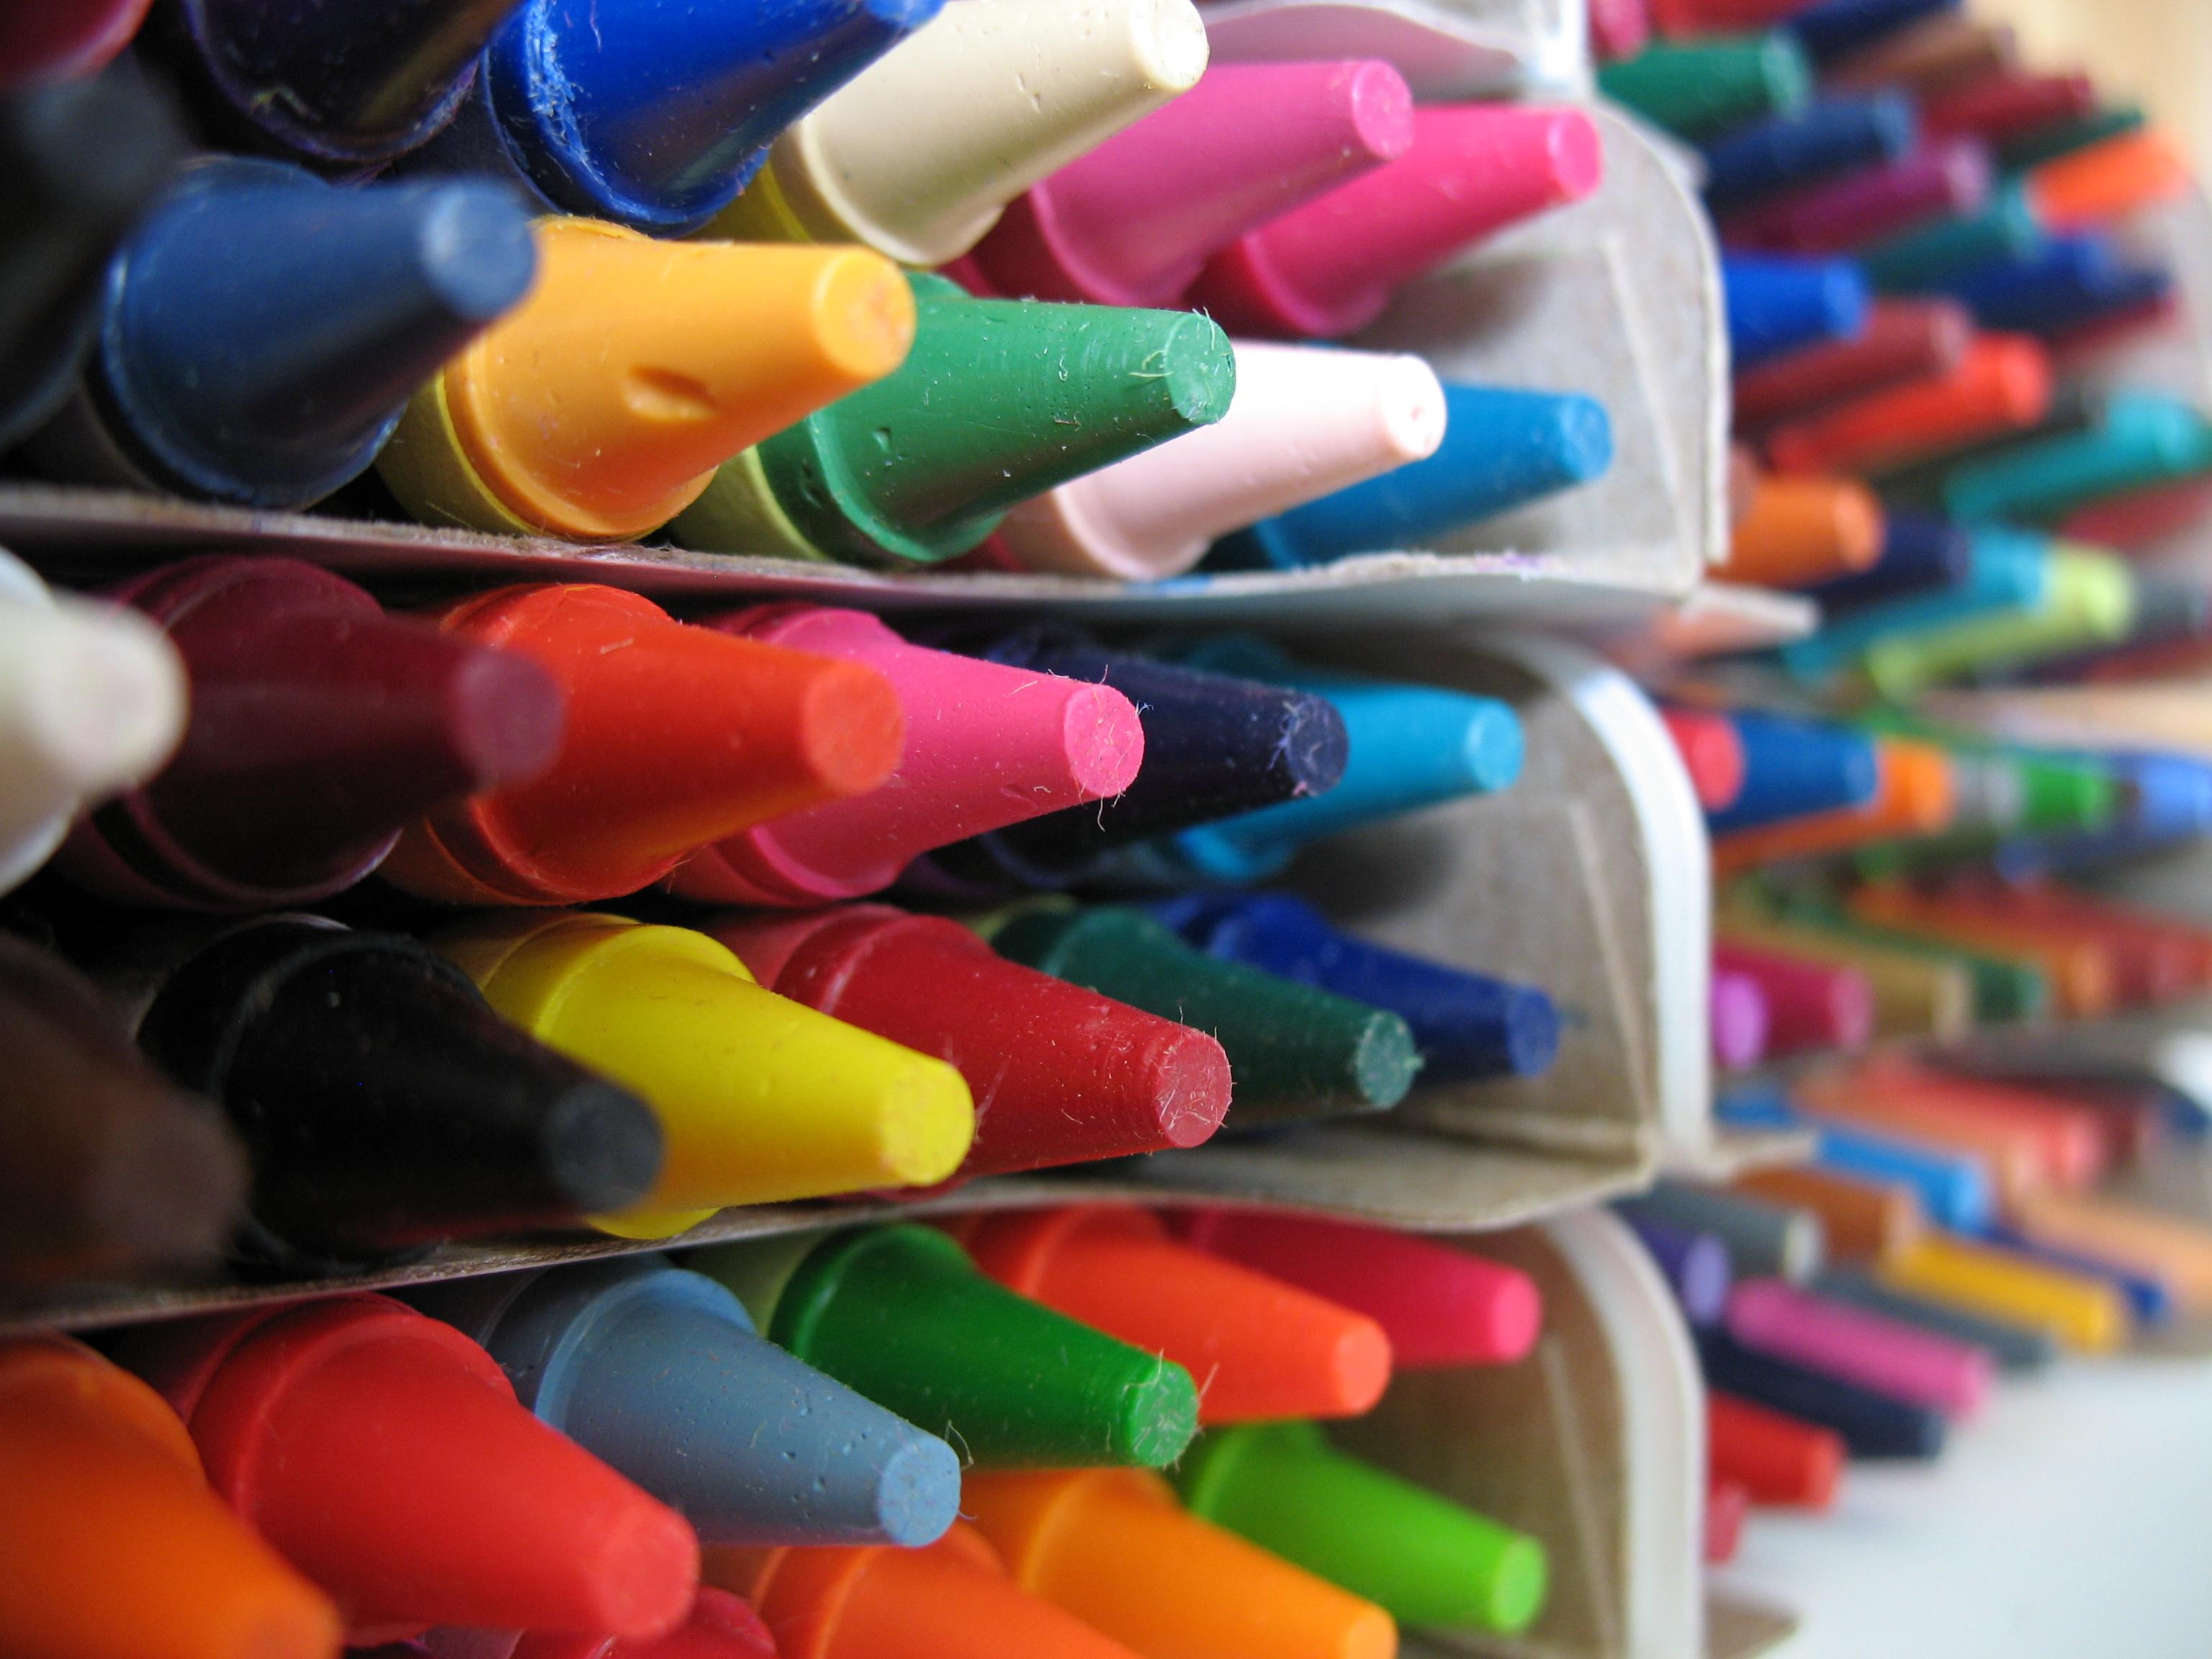 Crayola Crayon Colors